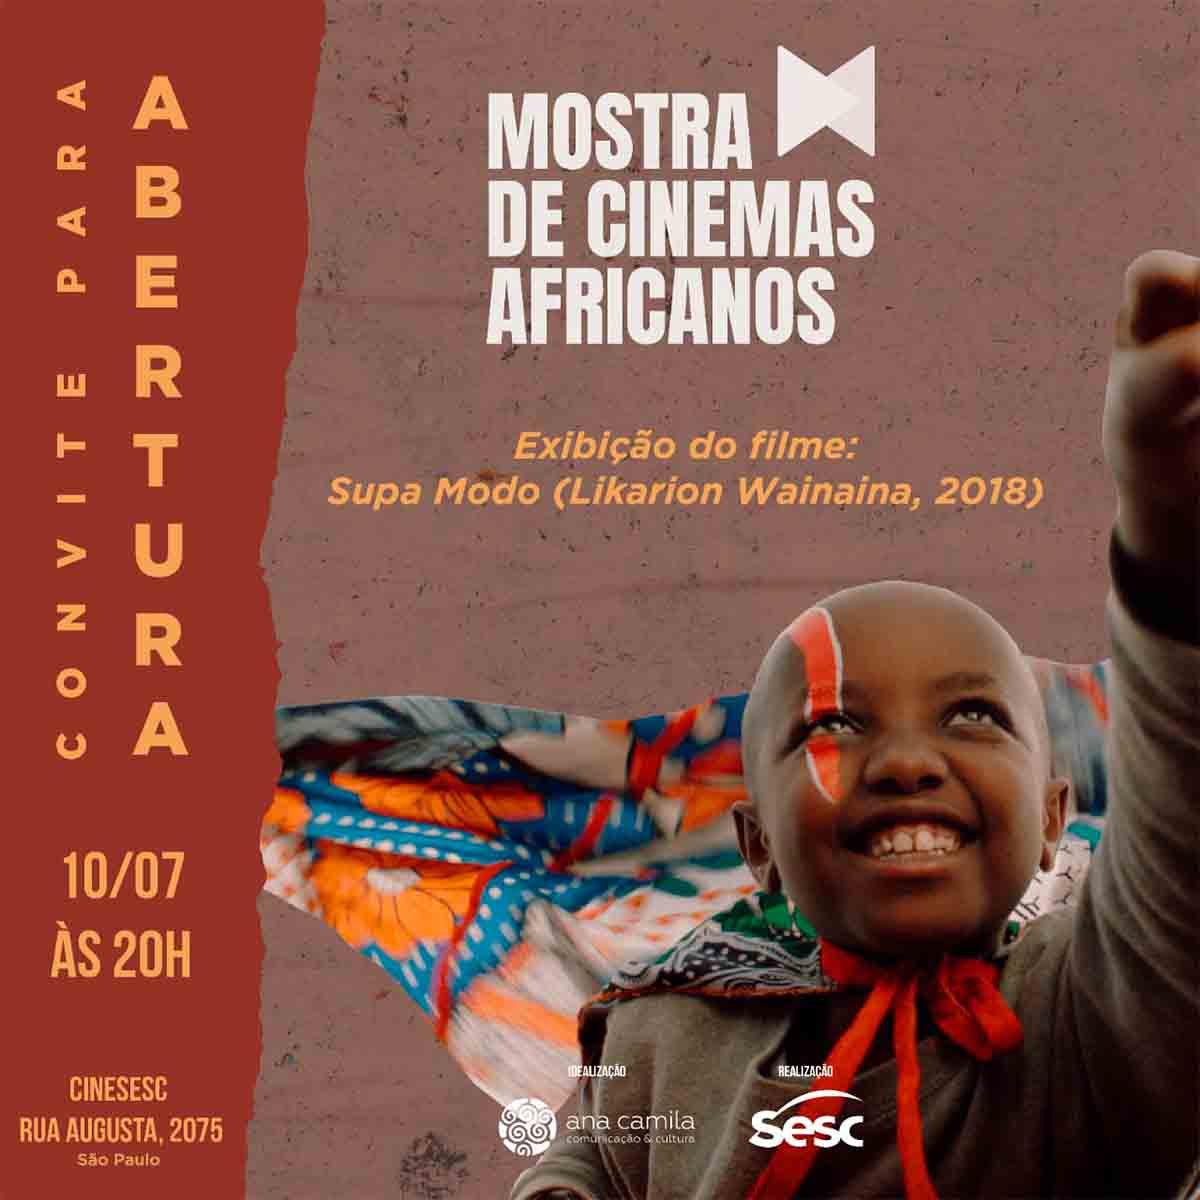 Evento promove janela de exibição da cinematografia africana contemporânea no Brasil, com diversos títulos inéditos no país. Em sua quarta edição, chega ao CineSesc em julho de 2019.